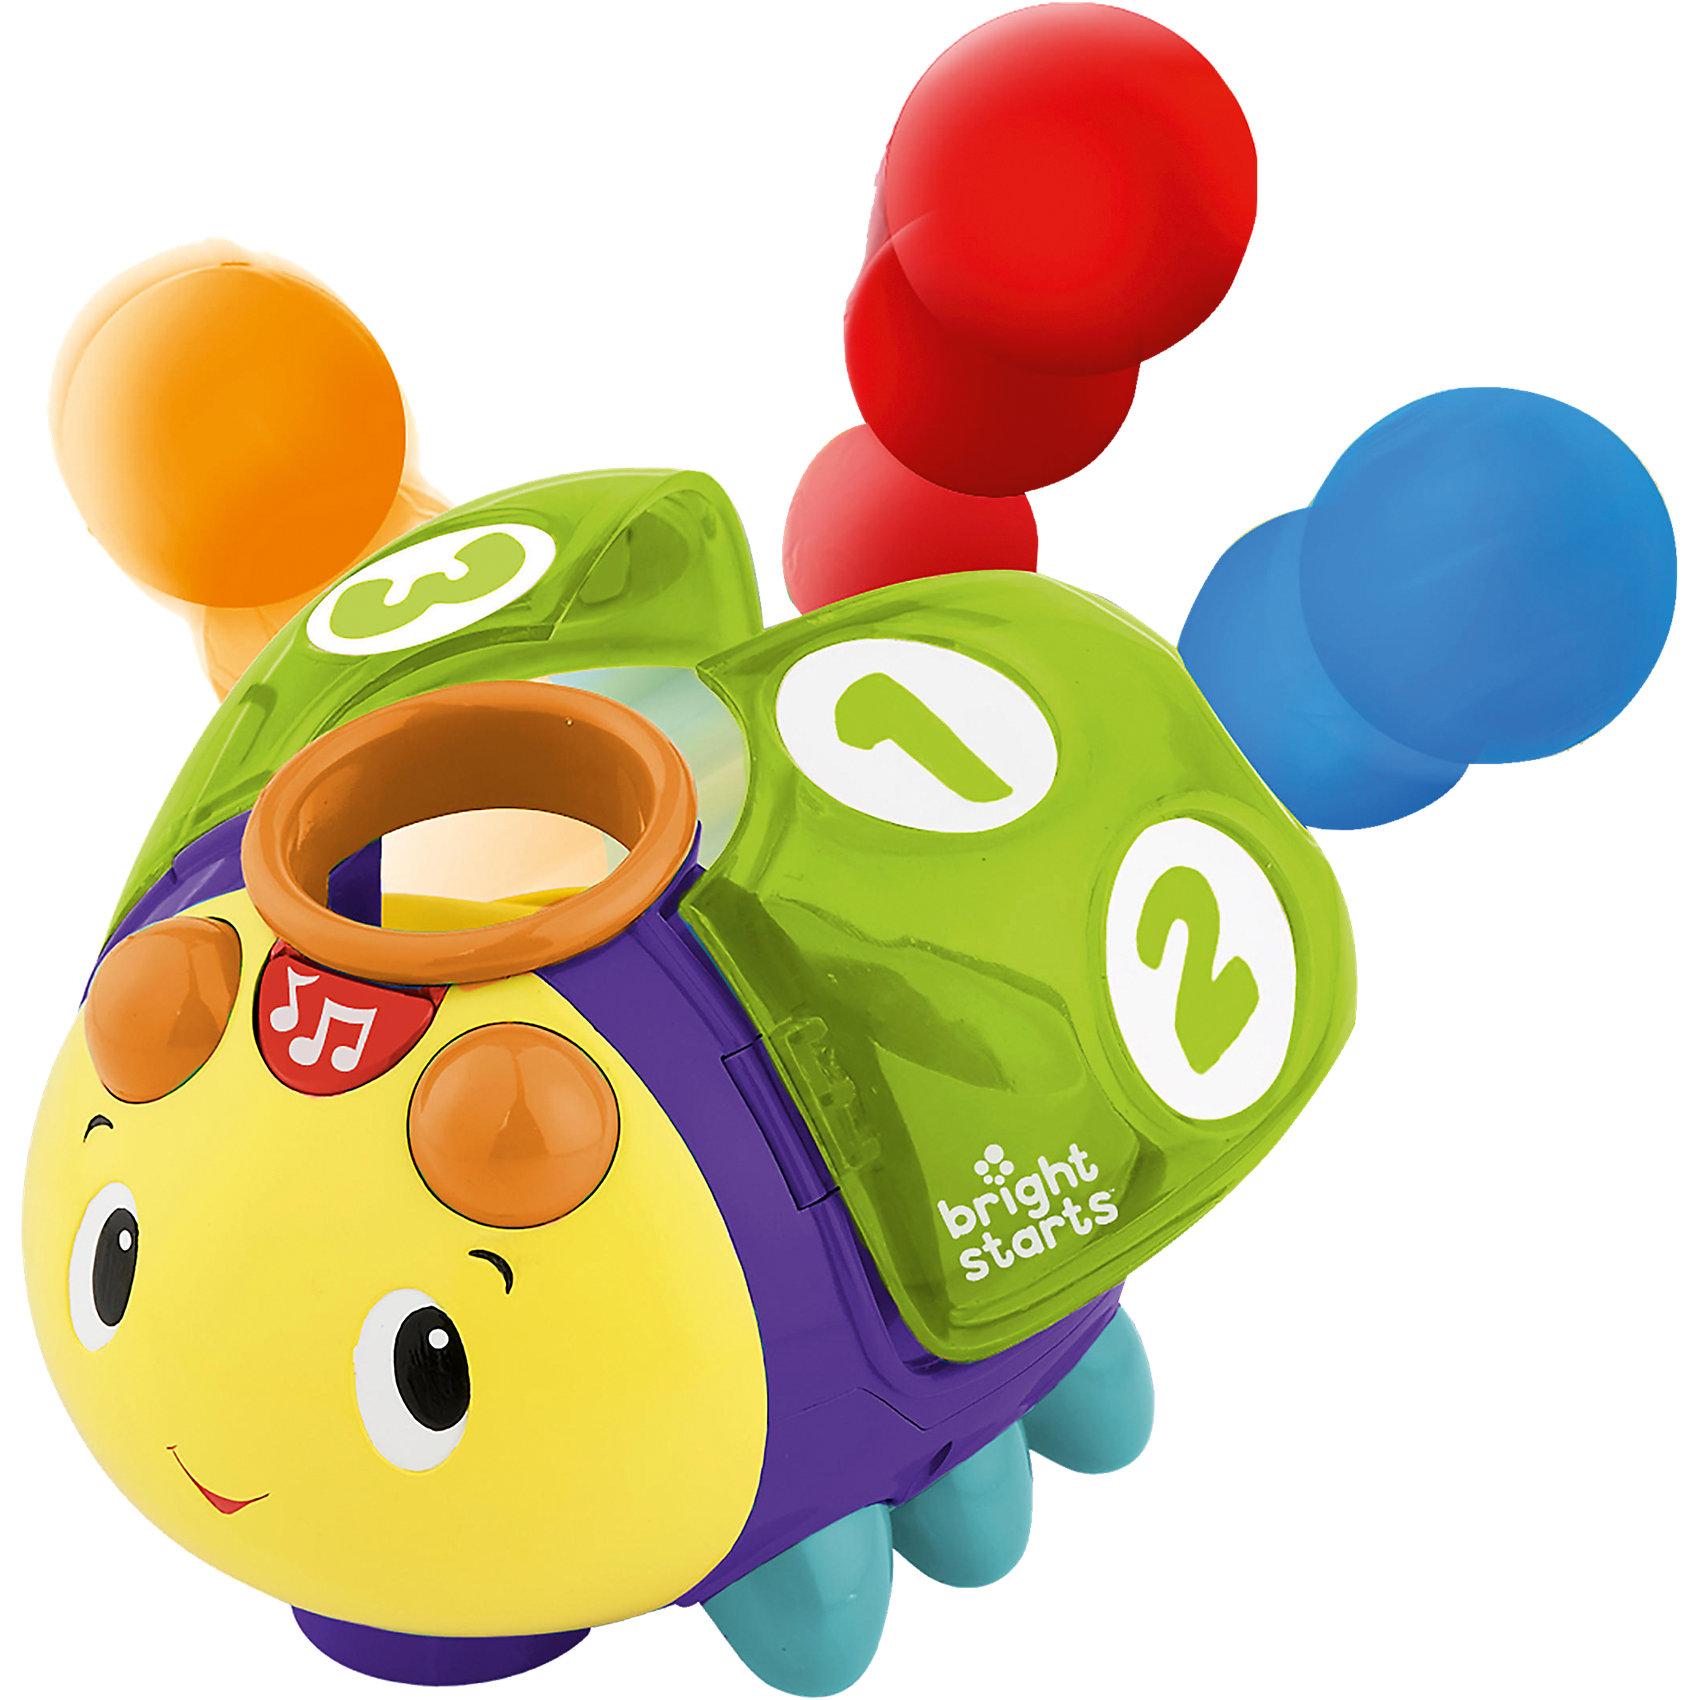 Развивающая игрушка «Жучок 1-2-3», Bright StartsХарактеристики развивающей игрушки Bright Starts:<br><br>• размер жучка: 15х15х19 см;<br>• во время движения шарики внутри жучка вращаются;<br>• звуковые эффекты: песенка-считалка;<br>• размеры упаковки: 24х20х19 см;<br>• батарейки включены в комплект: 3 шт. типа АА.<br><br>Музыкальная игрушка «Жучок 1-2-3» передвигается по ровной поверхности, имеет отверстие для шариков, на крылышках изображены крупные цифры от 1 до 3. Чтобы извлечь шарики, необходимо поднять крылышки жучка. Во время движения звучит приятная мелодия. Когда жучок наткнется на препятствие, он разворачивается и продолжает свой путь. <br><br>Развивающую игрушку «Жучок 1-2-3», Bright Starts можно купить в нашем интернет-магазине.<br><br>Ширина мм: 200<br>Глубина мм: 200<br>Высота мм: 241<br>Вес г: 829<br>Возраст от месяцев: 6<br>Возраст до месяцев: 24<br>Пол: Унисекс<br>Возраст: Детский<br>SKU: 4585928